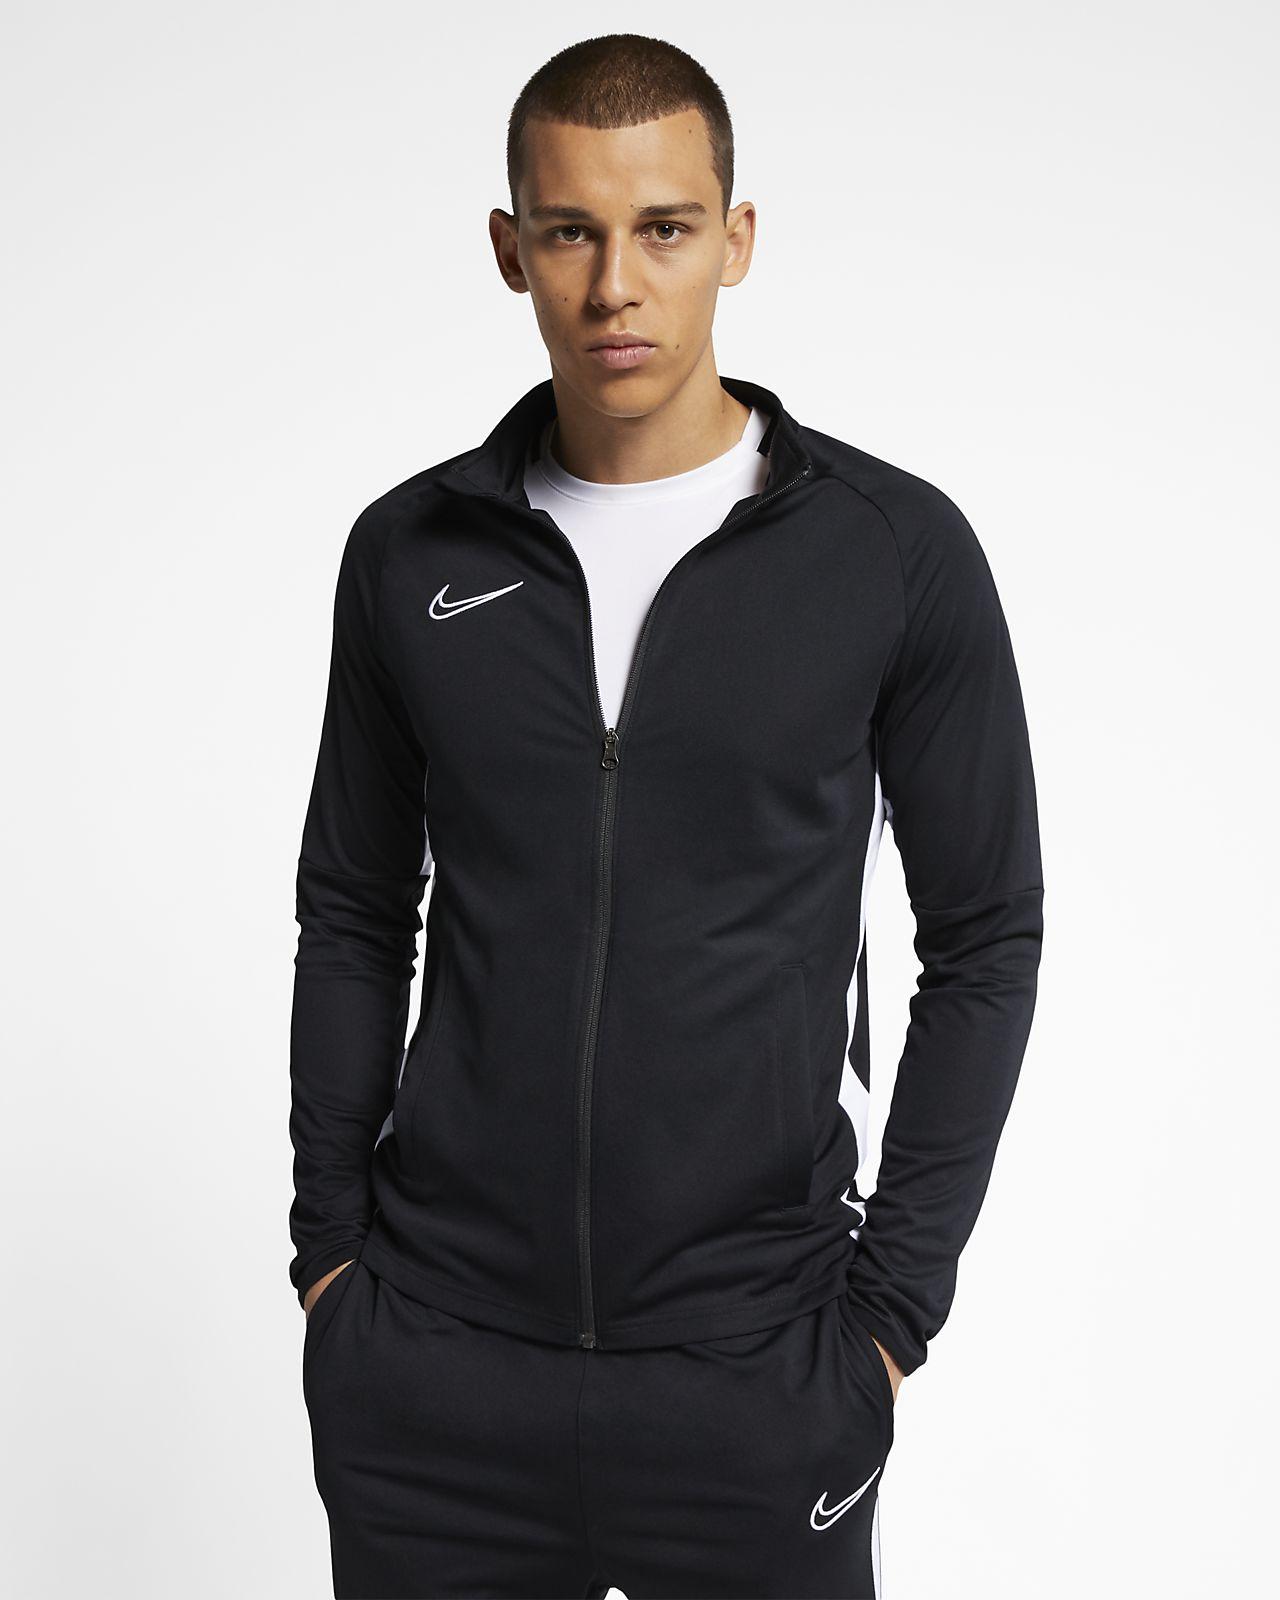 Nike Dri FIT Academy Chándal de fútbol Hombre